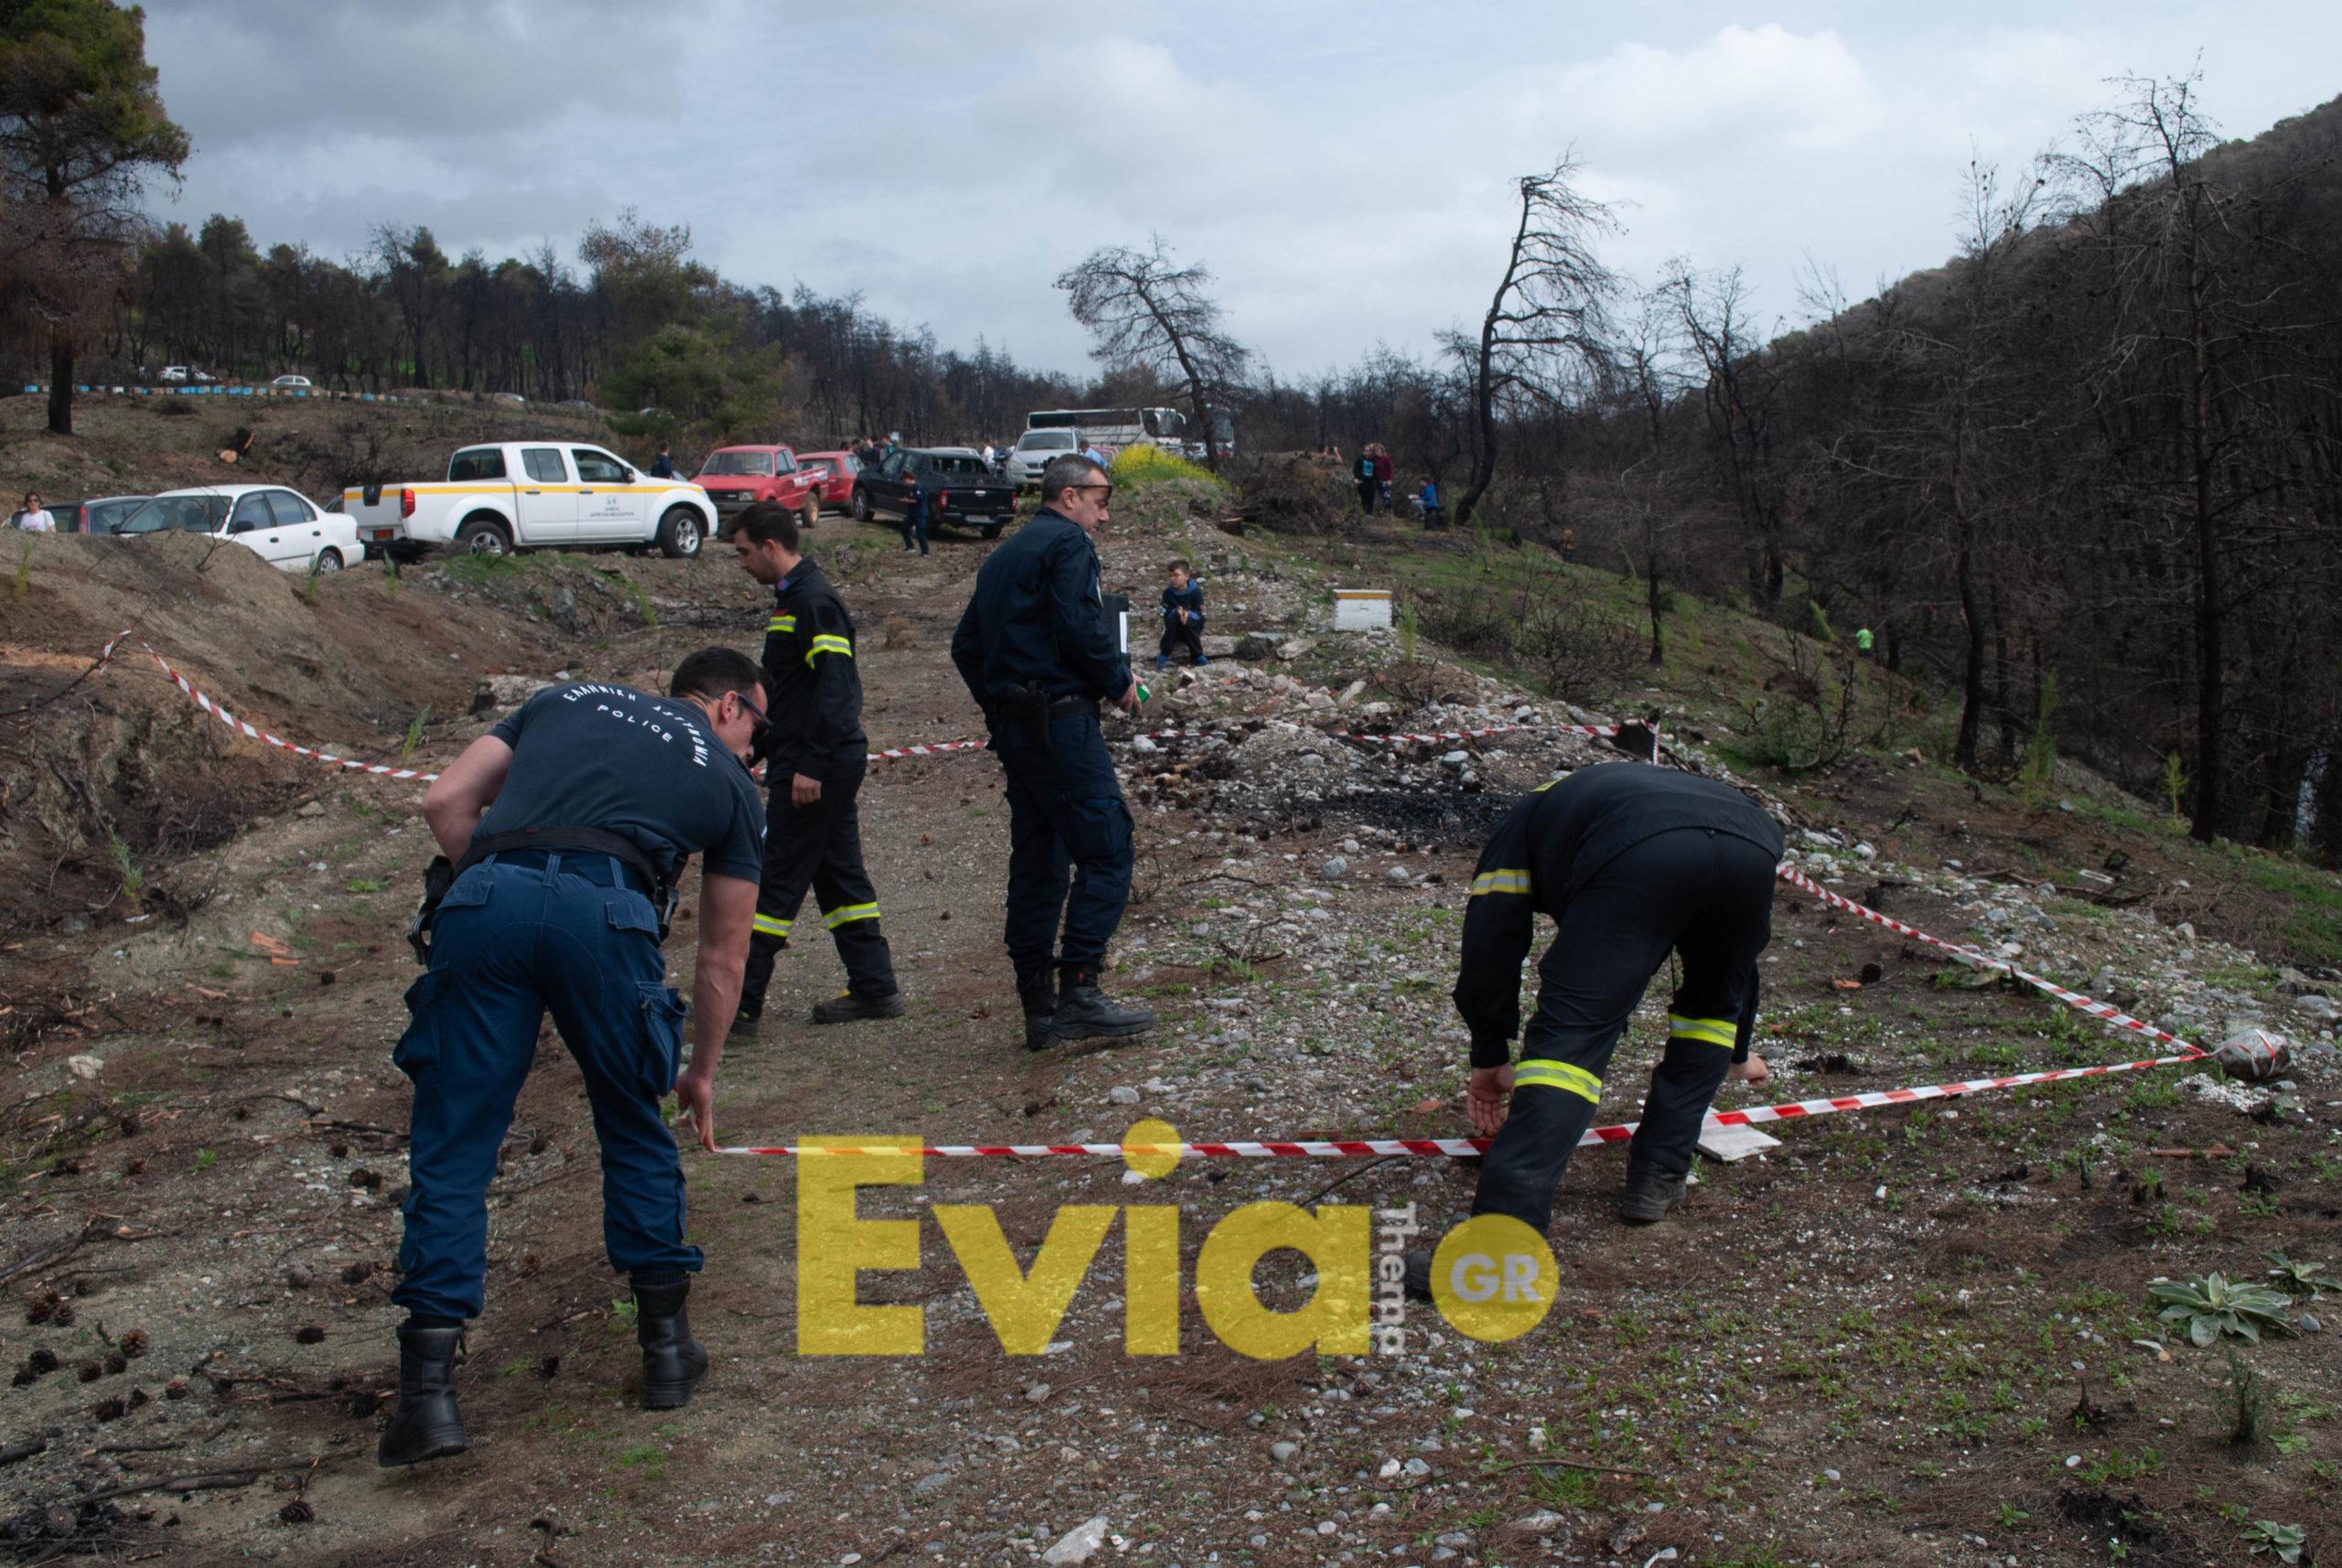 Μακρυμάλλι Ευβοίας: Βρέθηκε χειροβομβίδα, ΑΠΟΚΛΕΙΣΤΙΚΟ – Μακρυμάλλι Ευβοίας: Βρέθηκε χειροβομβίδα στην περιοχή της αναδάσωσης (Φωτογραφίες – Βίντεο), Eviathema.gr | Εύβοια Τοπ Νέα Ειδήσεις